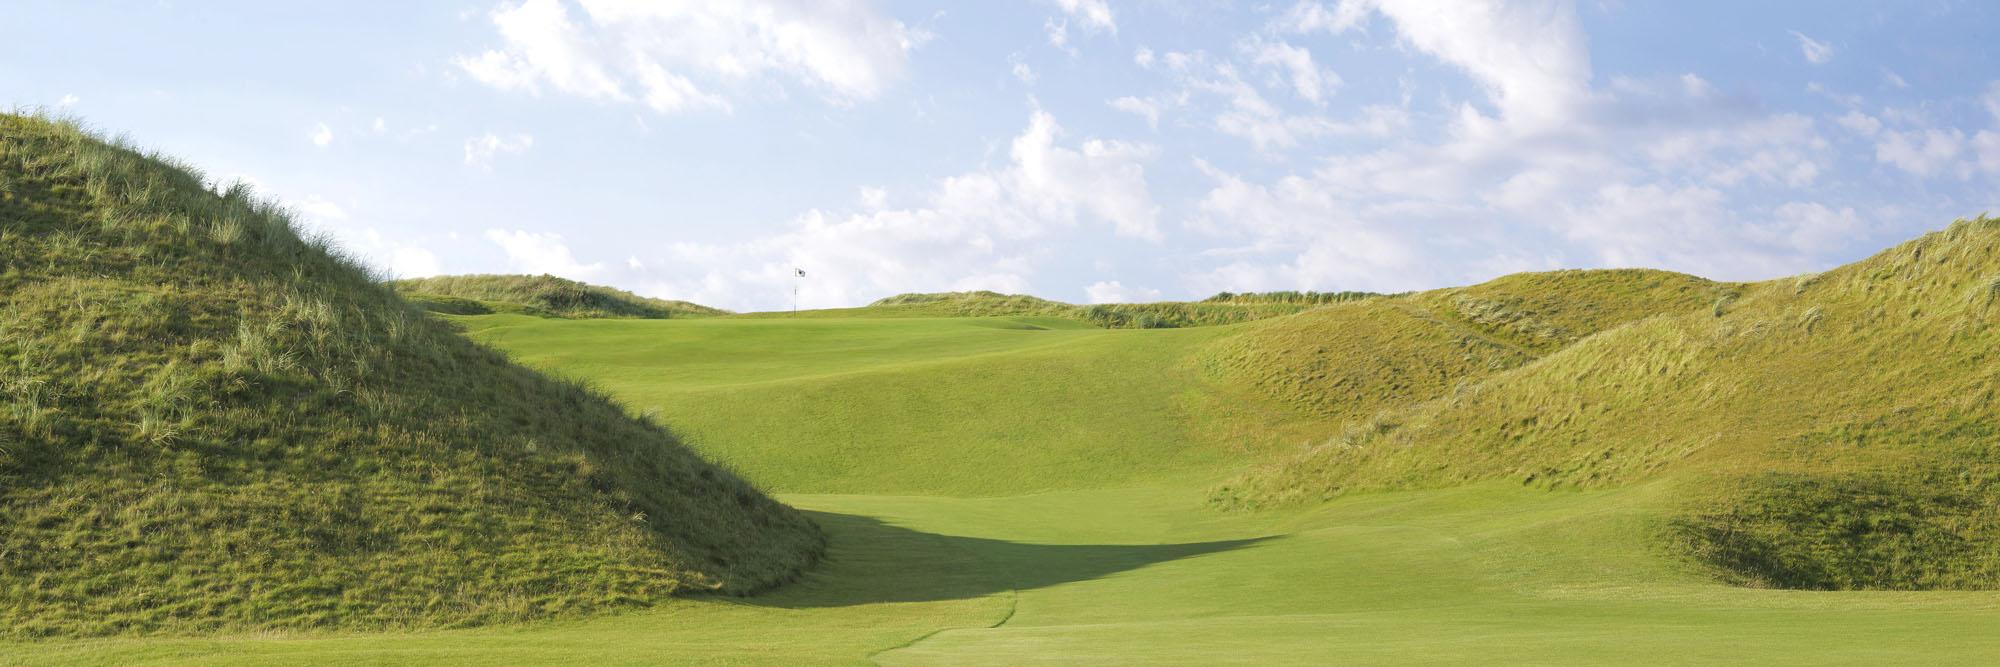 Golf Course Image - Ballybunion No. 2